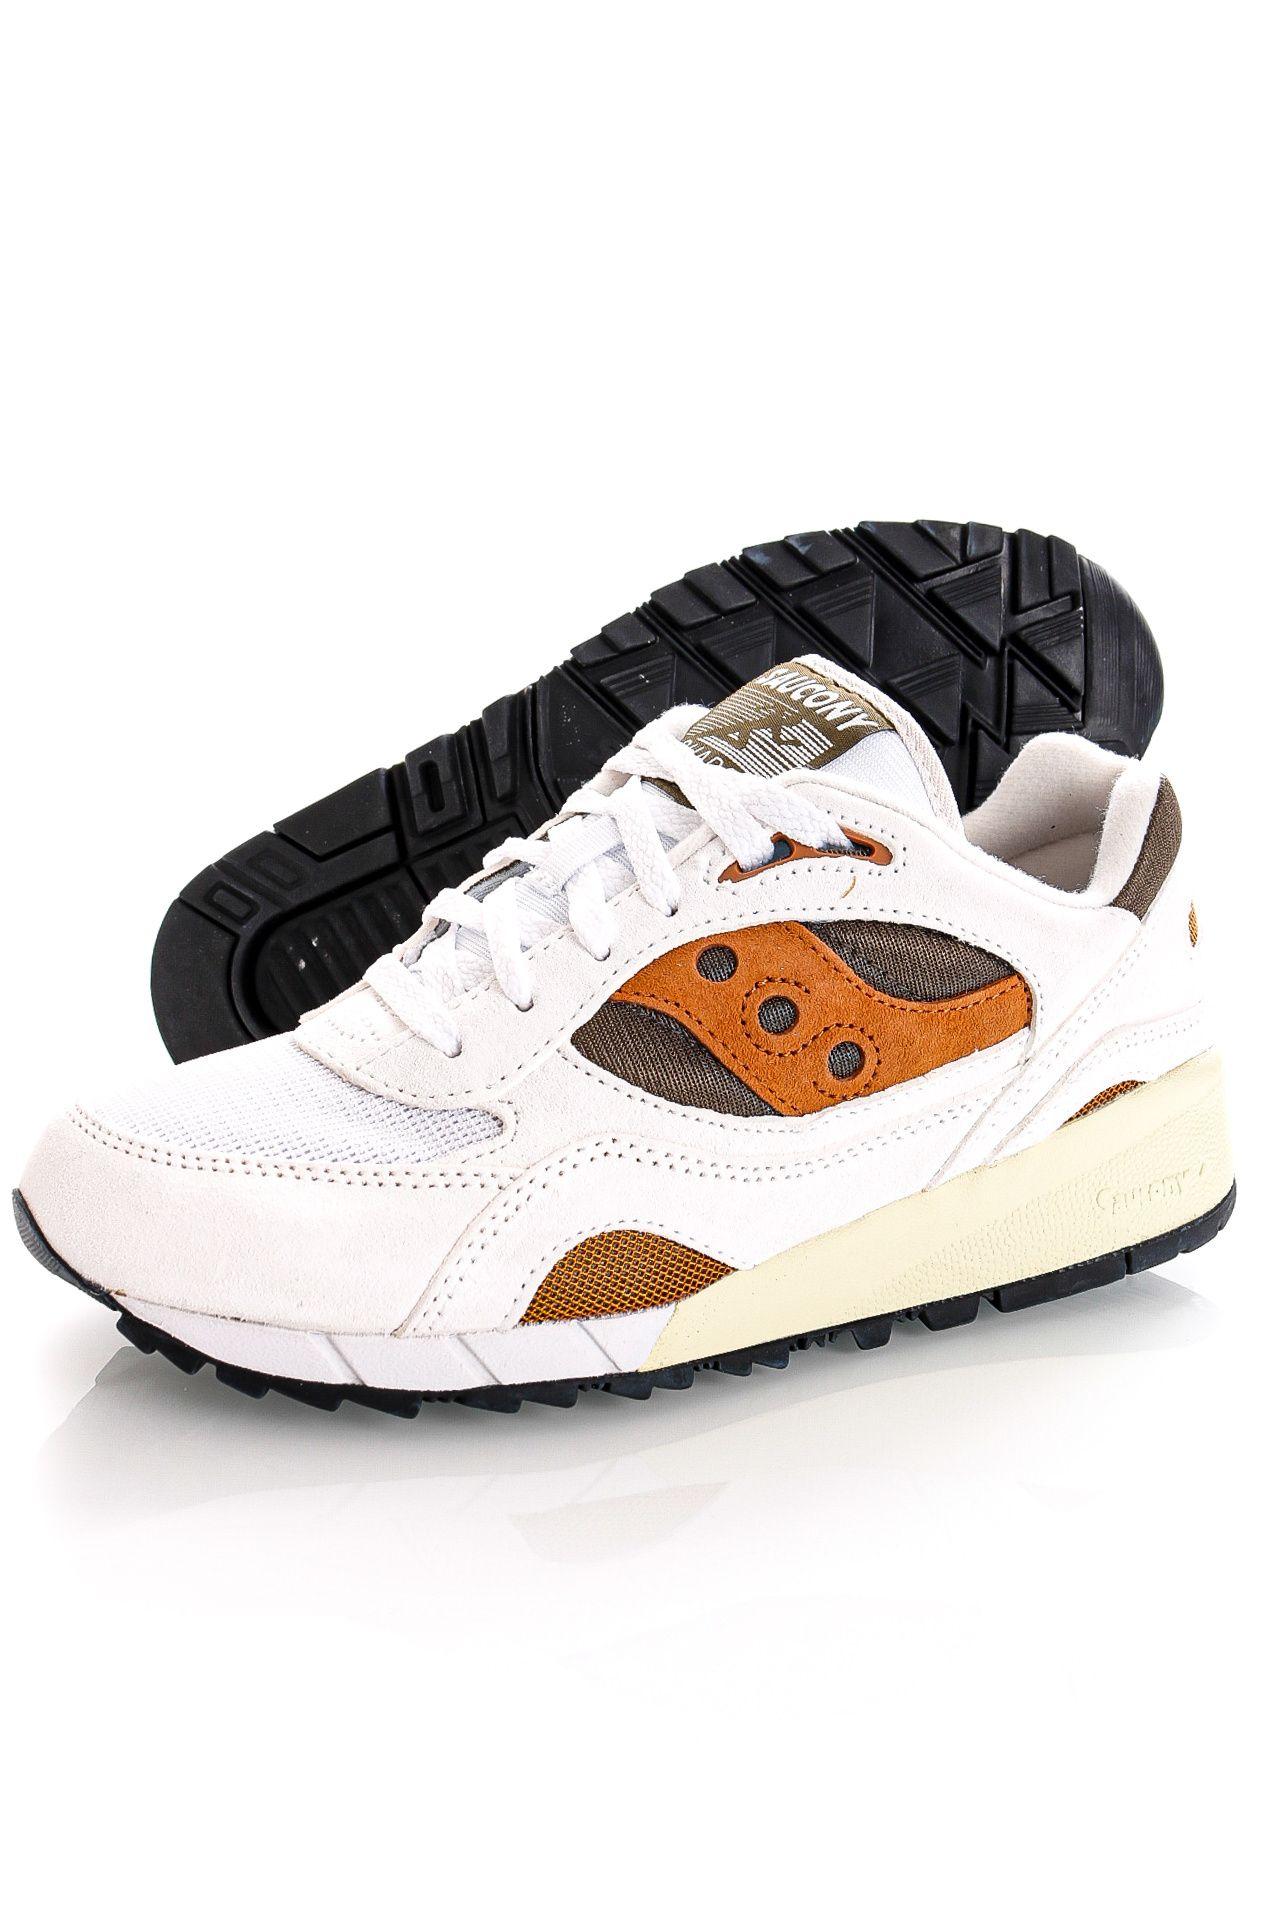 Afbeelding van Saucony Sneakers Shadow 6000 White/Rust S70441-14